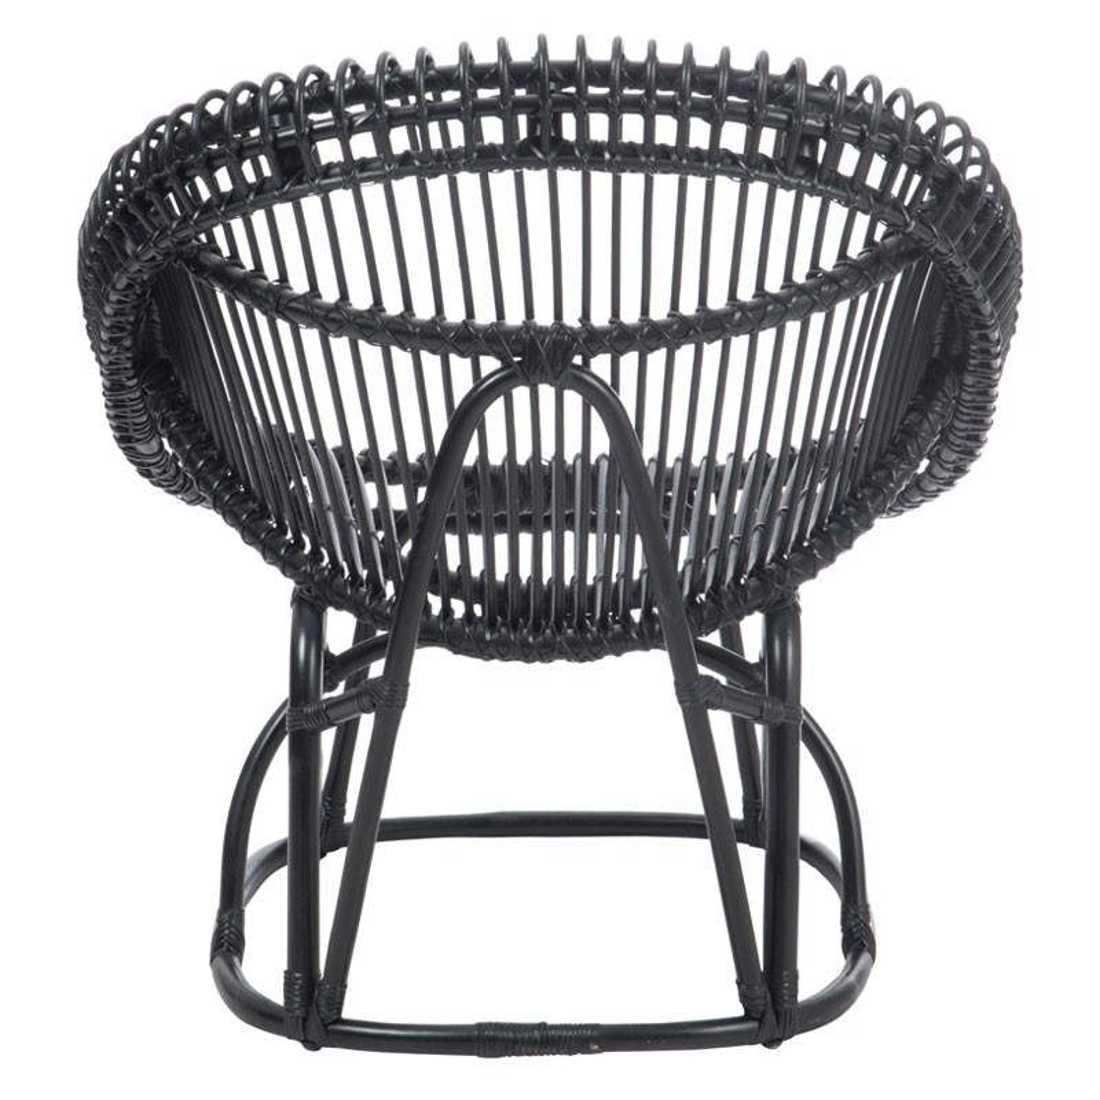 fauteuil rotin noir mat kohtao univers du salon et assises. Black Bedroom Furniture Sets. Home Design Ideas